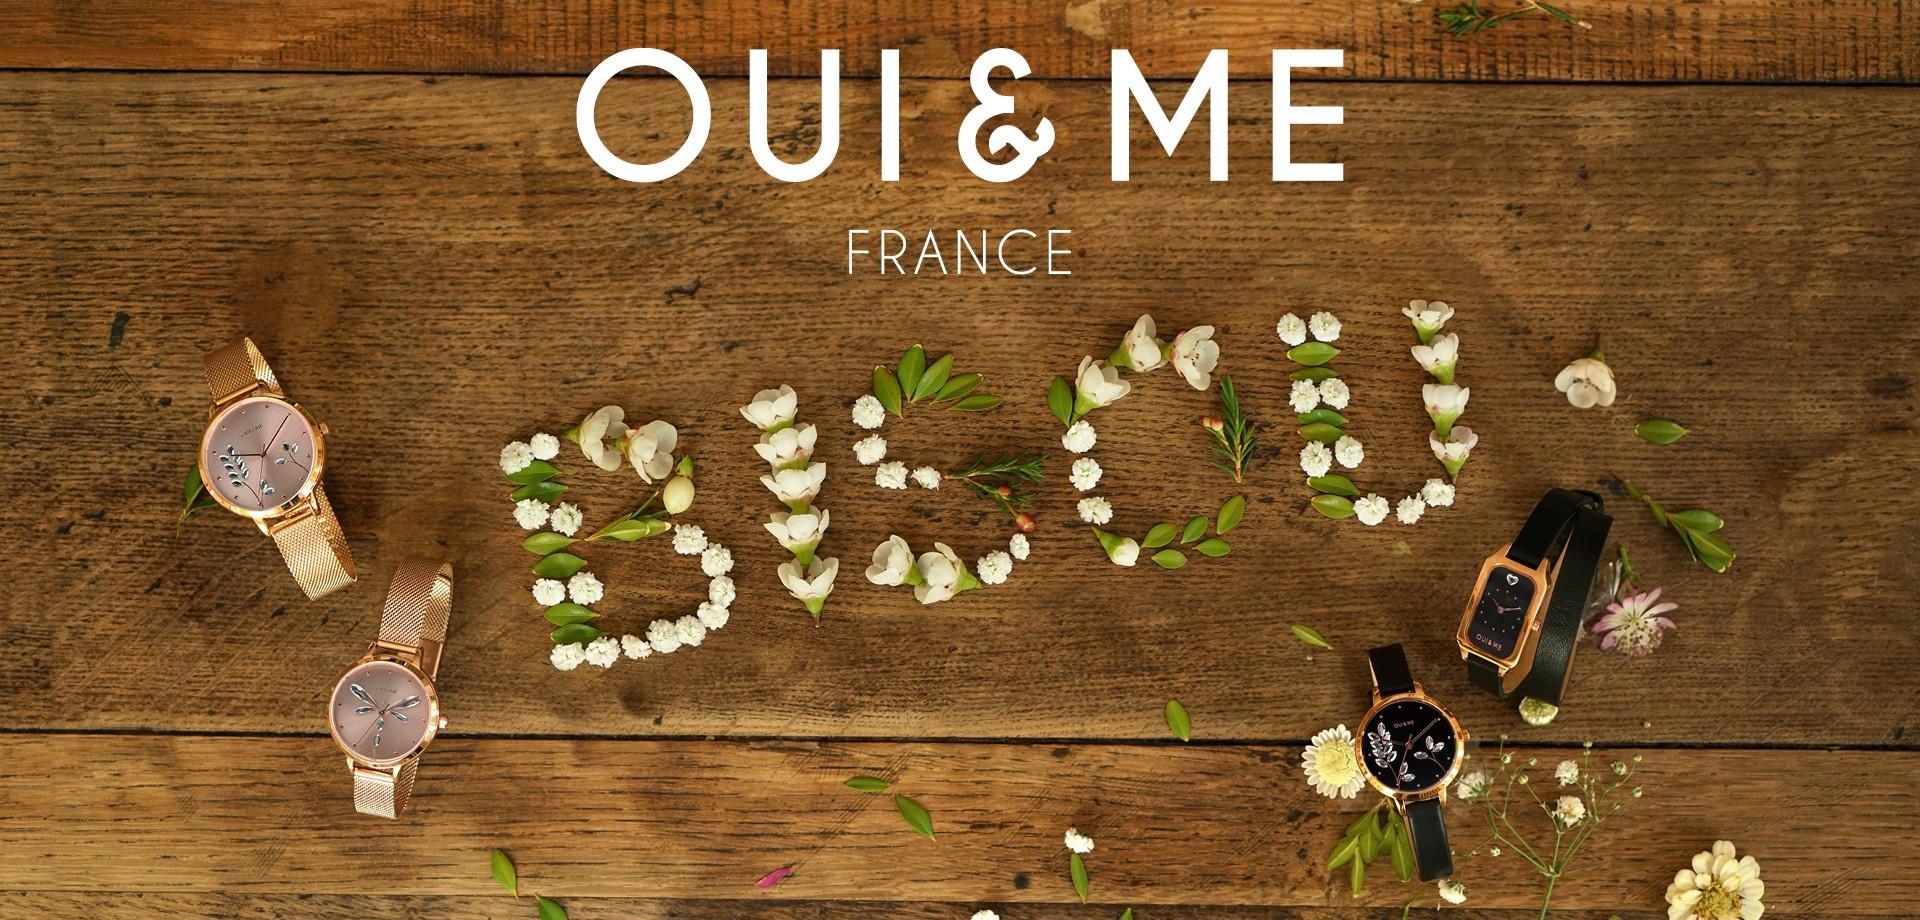 OUI & ME